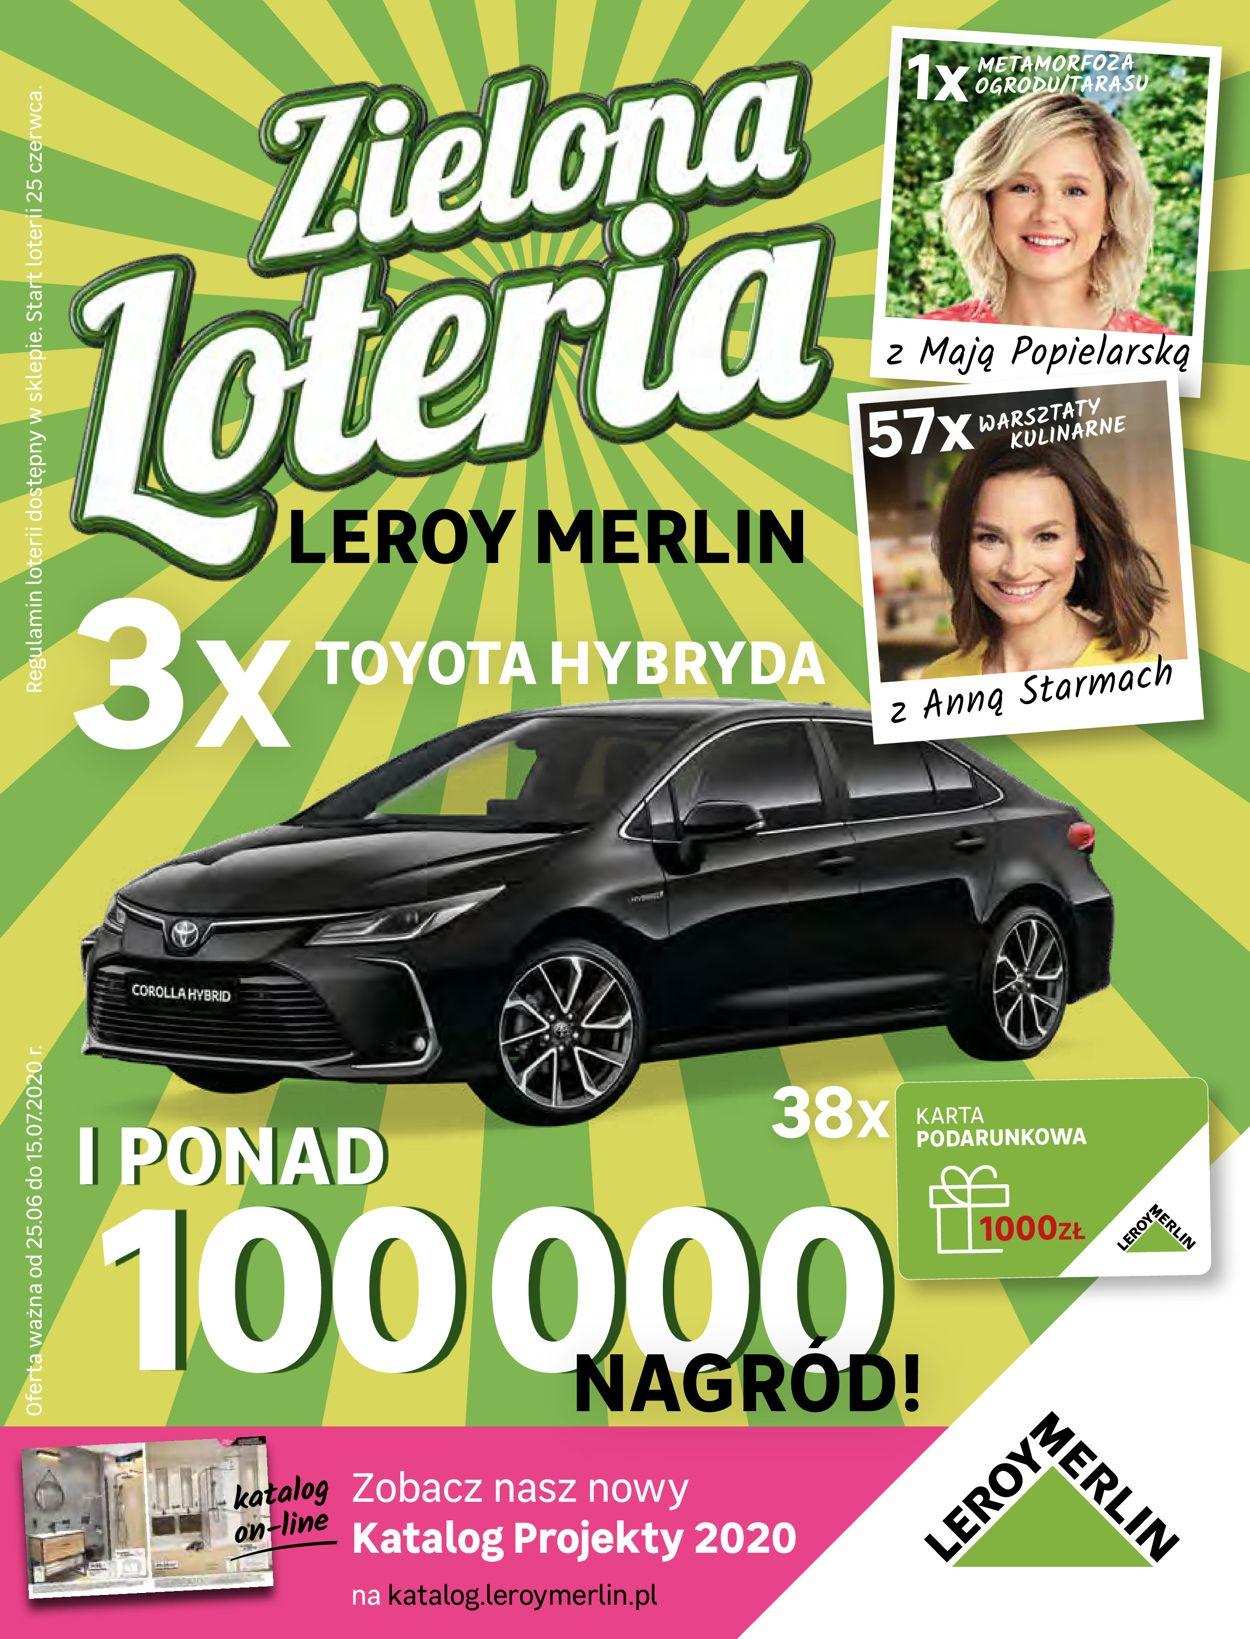 Gazetka promocyjna Leroy Merlin - 25.06-15.07.2020